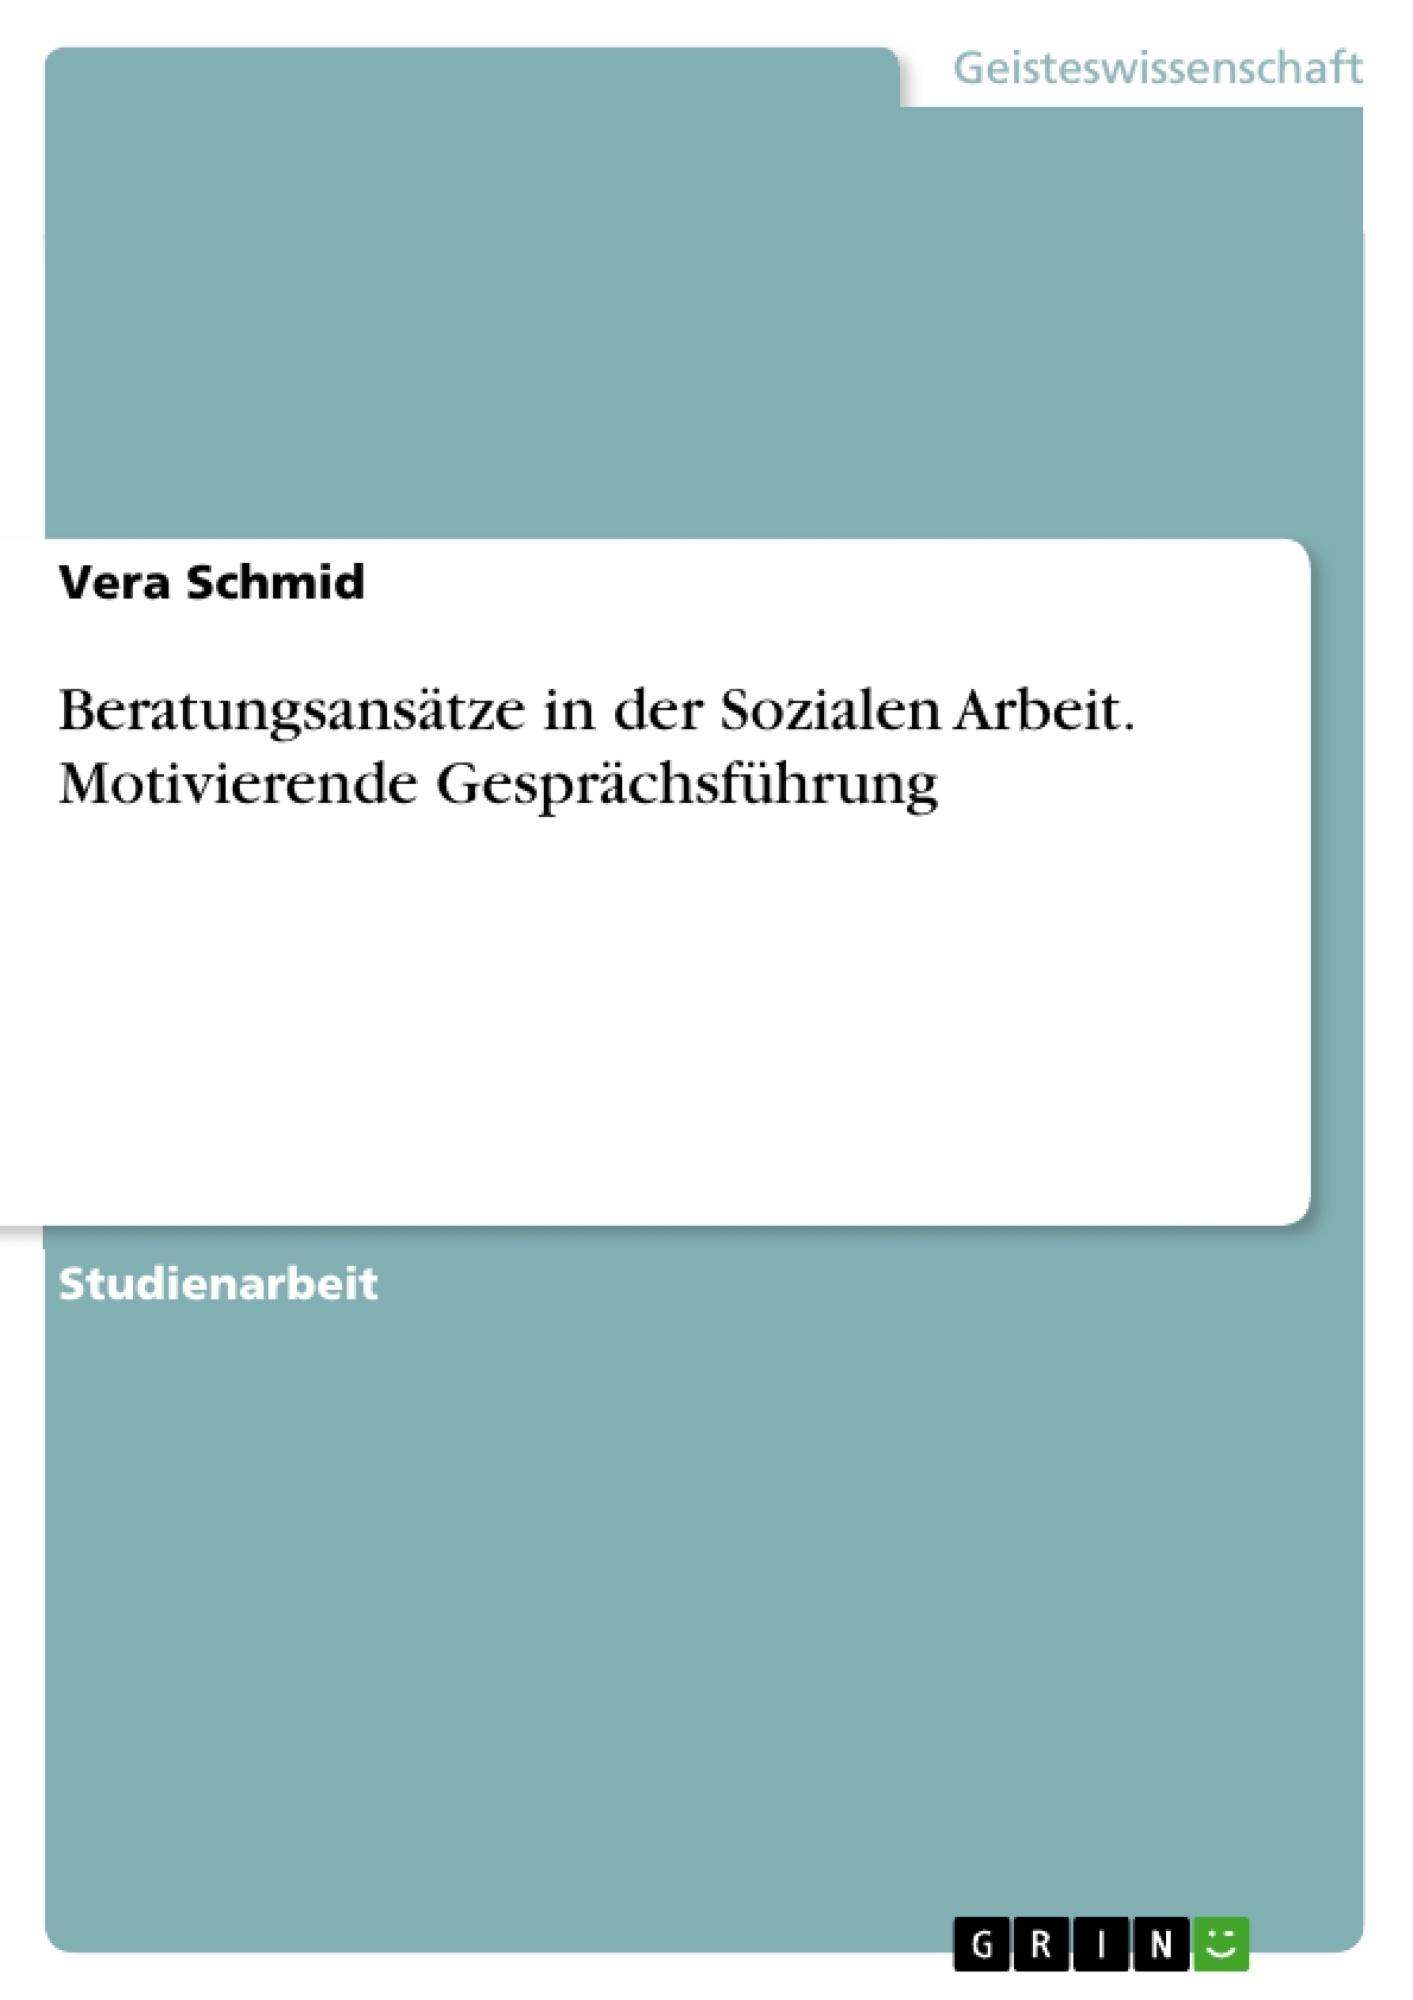 Titel: Beratungsansätze in der Sozialen Arbeit. Motivierende Gesprächsführung